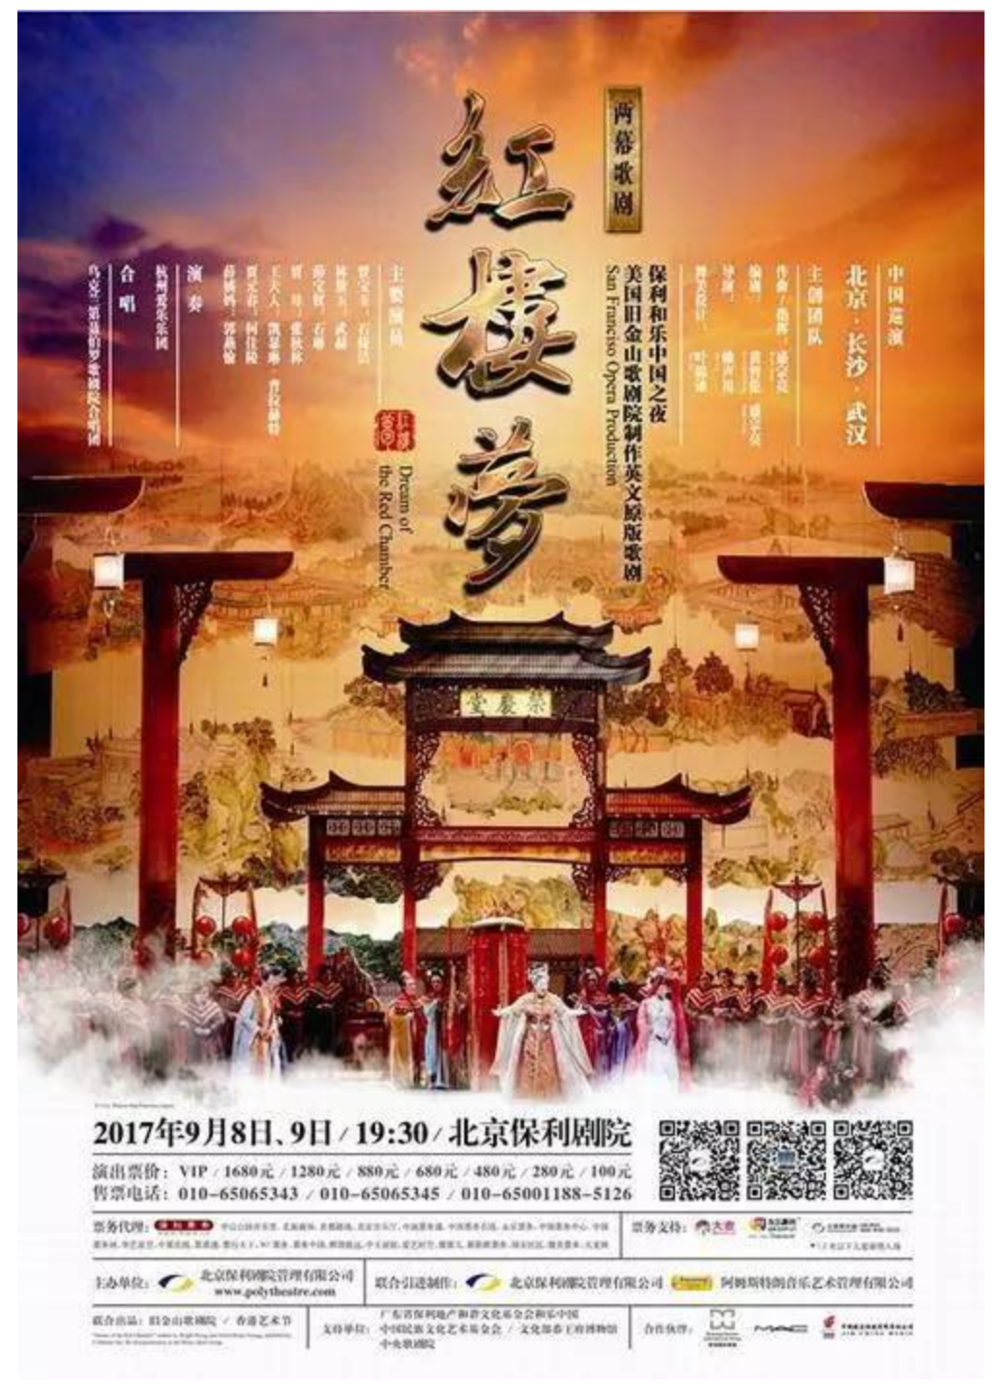 """""""DREAM of the red chamber"""" China Tour - Diese Tournee war eine der seltenen Zufälle im Operngeschehen. Denn nur in Ausnahmefällen gehen neue Werke die im Westen produziert werden, wie in diesem Fall """"Dream of The Red Chamber"""" direkt nach ihrer Uraufführung (San Francisco Opera) auf Tour. Bright Sheng und David Henry Hwang haben jedoch ein Werk geschaffen, dass zuerst zum Koproduzenten der Oper, dem Hong Kong Arts Festival (HKAF) eingeladen und anschließend von Armstrong Music & Arts International in China auf Tour geführt wurde. Ich durfte die Entstehung (fast) von Anfang an mitverfolgen, war bei den Workshops in Hong Kong dabei, koordinierte die Entstehung in San Francisco, war bei der Produktion in Hong Kong im März 2017 vor Ort und wurde dann als Produktionsleiter von Wray Armstrong und Evita Zhang zur Vorbereitung und Durchführung der Tournee engagiert, die uns zu Proben nach Tangshan und Aufführungen im Poly Theatre Beijing, dem Meixihu International Culture and Arts Center in Changsha und dem Qintai Grand Theater in Wuhan.Regieteam: Komposition: Bright Sheng, Libretto: David Henry Hwang & Bright Sheng, Musikalische Leitung: Bright Sheng, Regie: Stan Lai, Bühne & Kostüme: Tim Yip, Licht: Wang Tien Hung, Choreographie: Ran Arthur Braun, Regieassistenz: Reed Fisher"""